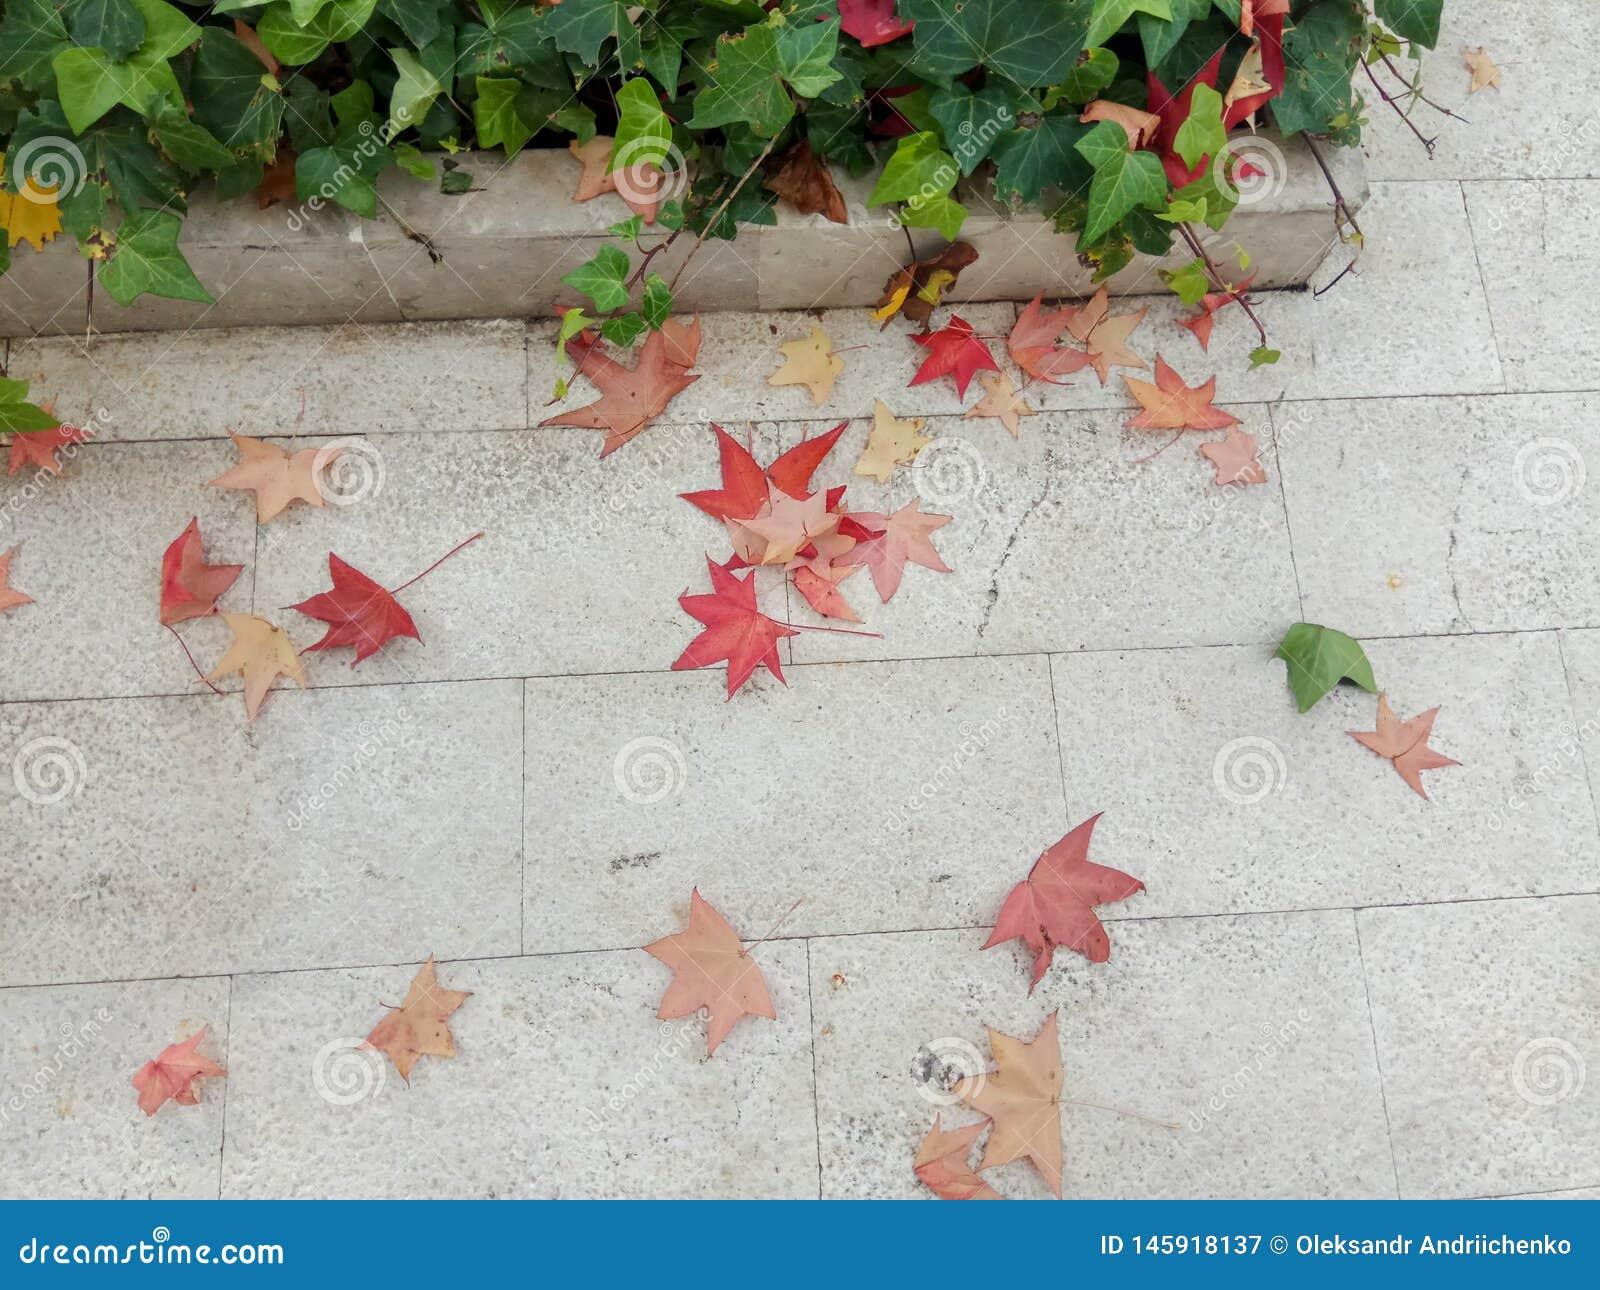 Gelb gefallener Autumn Leaves auf dem an B?rgersteig gepflastert mit Gray Concrete Paving Stones- und Gras-Rasen-Draufsicht